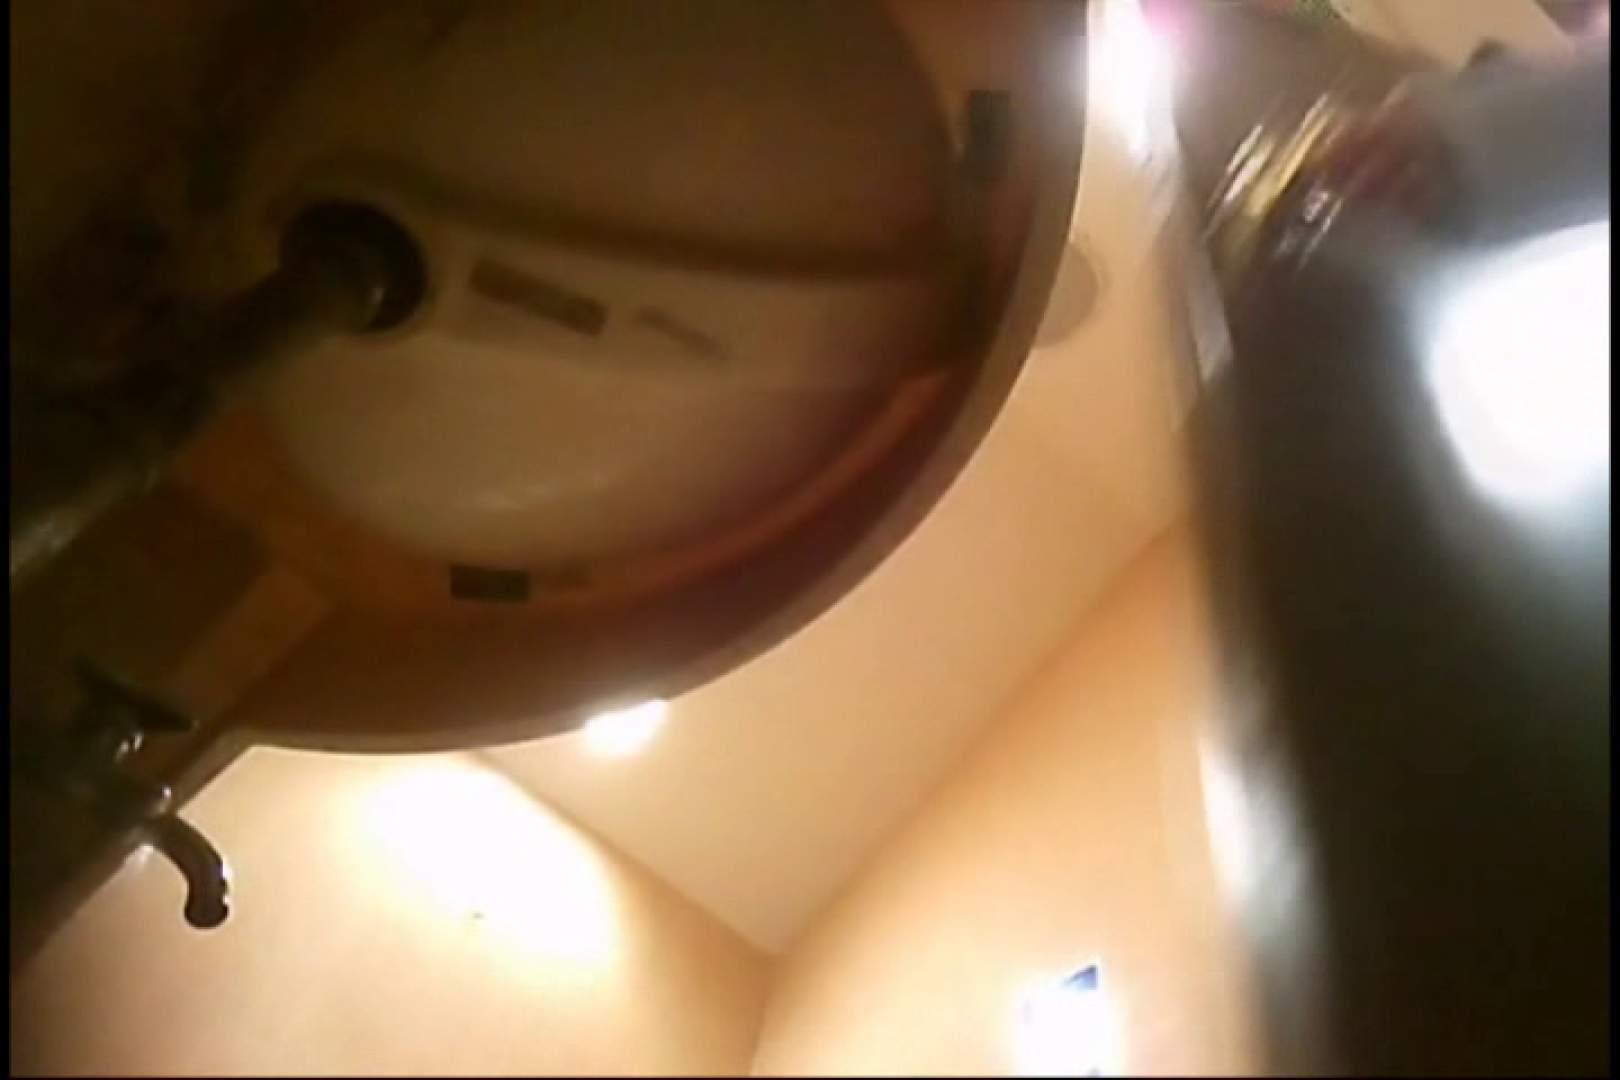 画質向上!新亀さん厠 vol.02 厠・・・ のぞき動画キャプチャ 79PIX 79